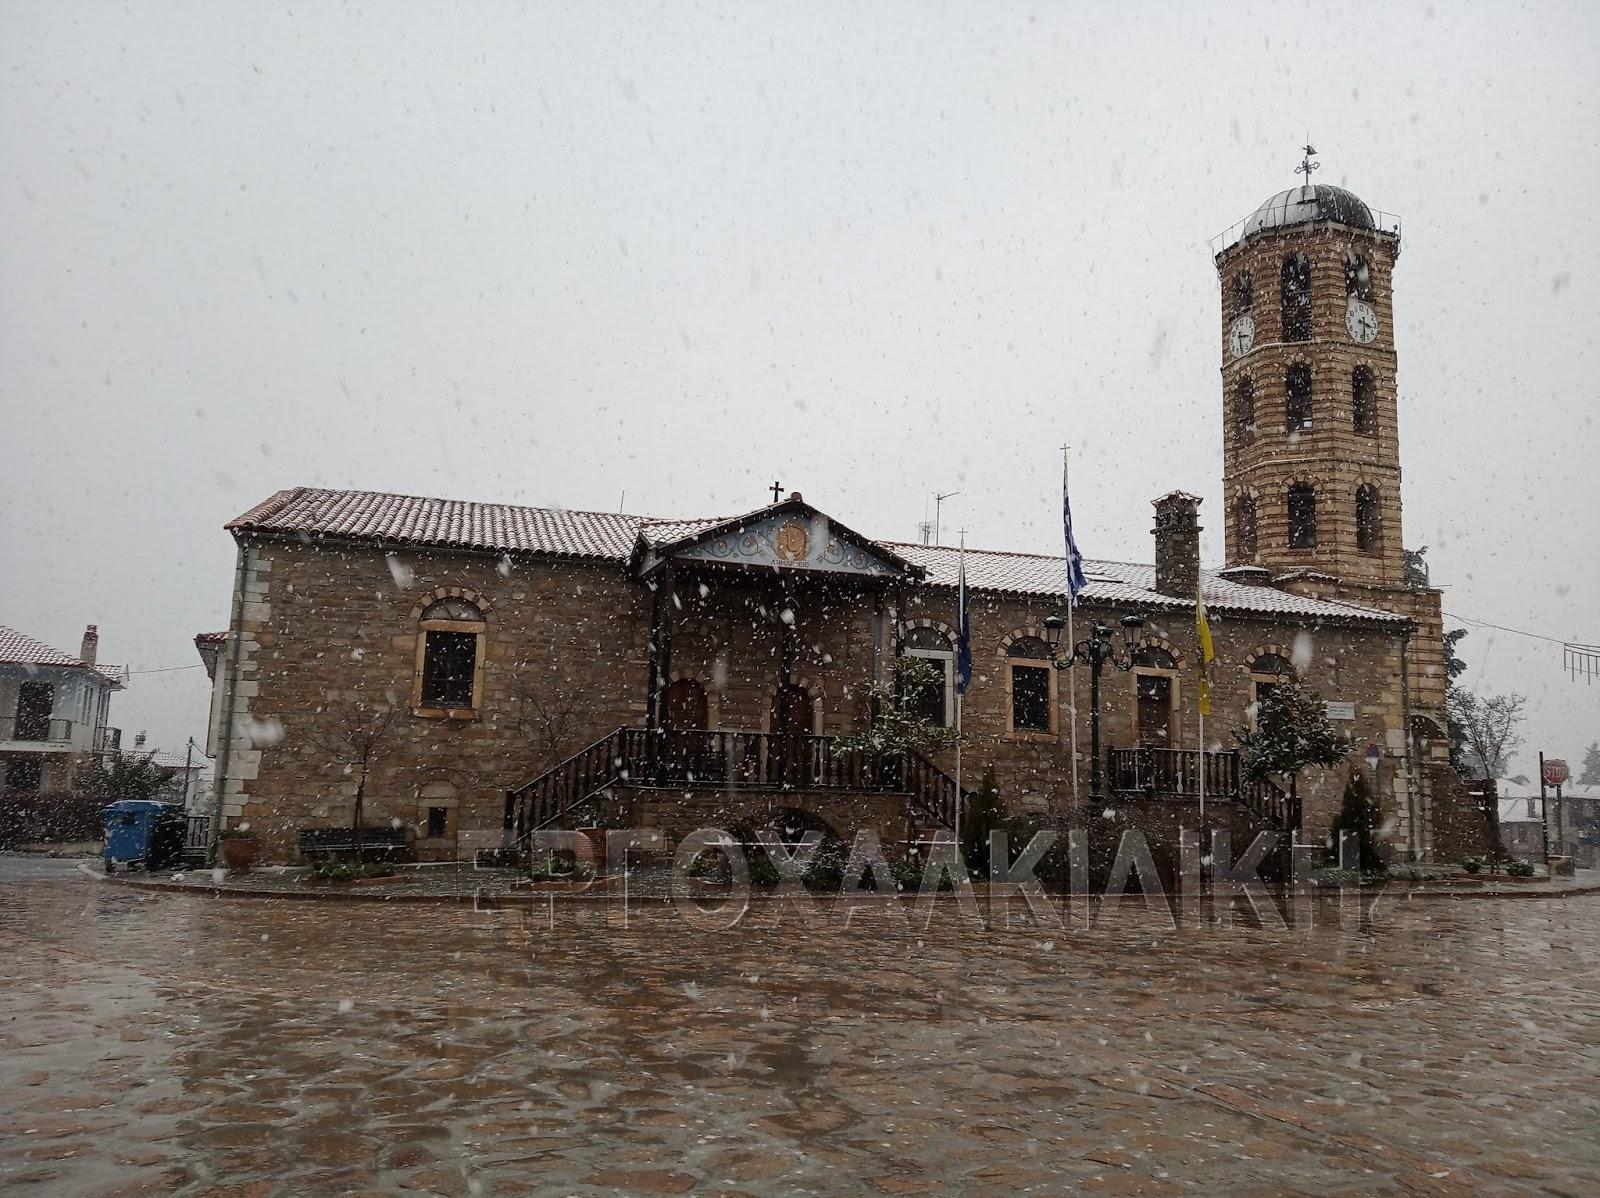 Έντονες βροχοπτώσεις και χιόνι πλήττουν την Χαλκιδική (ΦΩΤΟ)